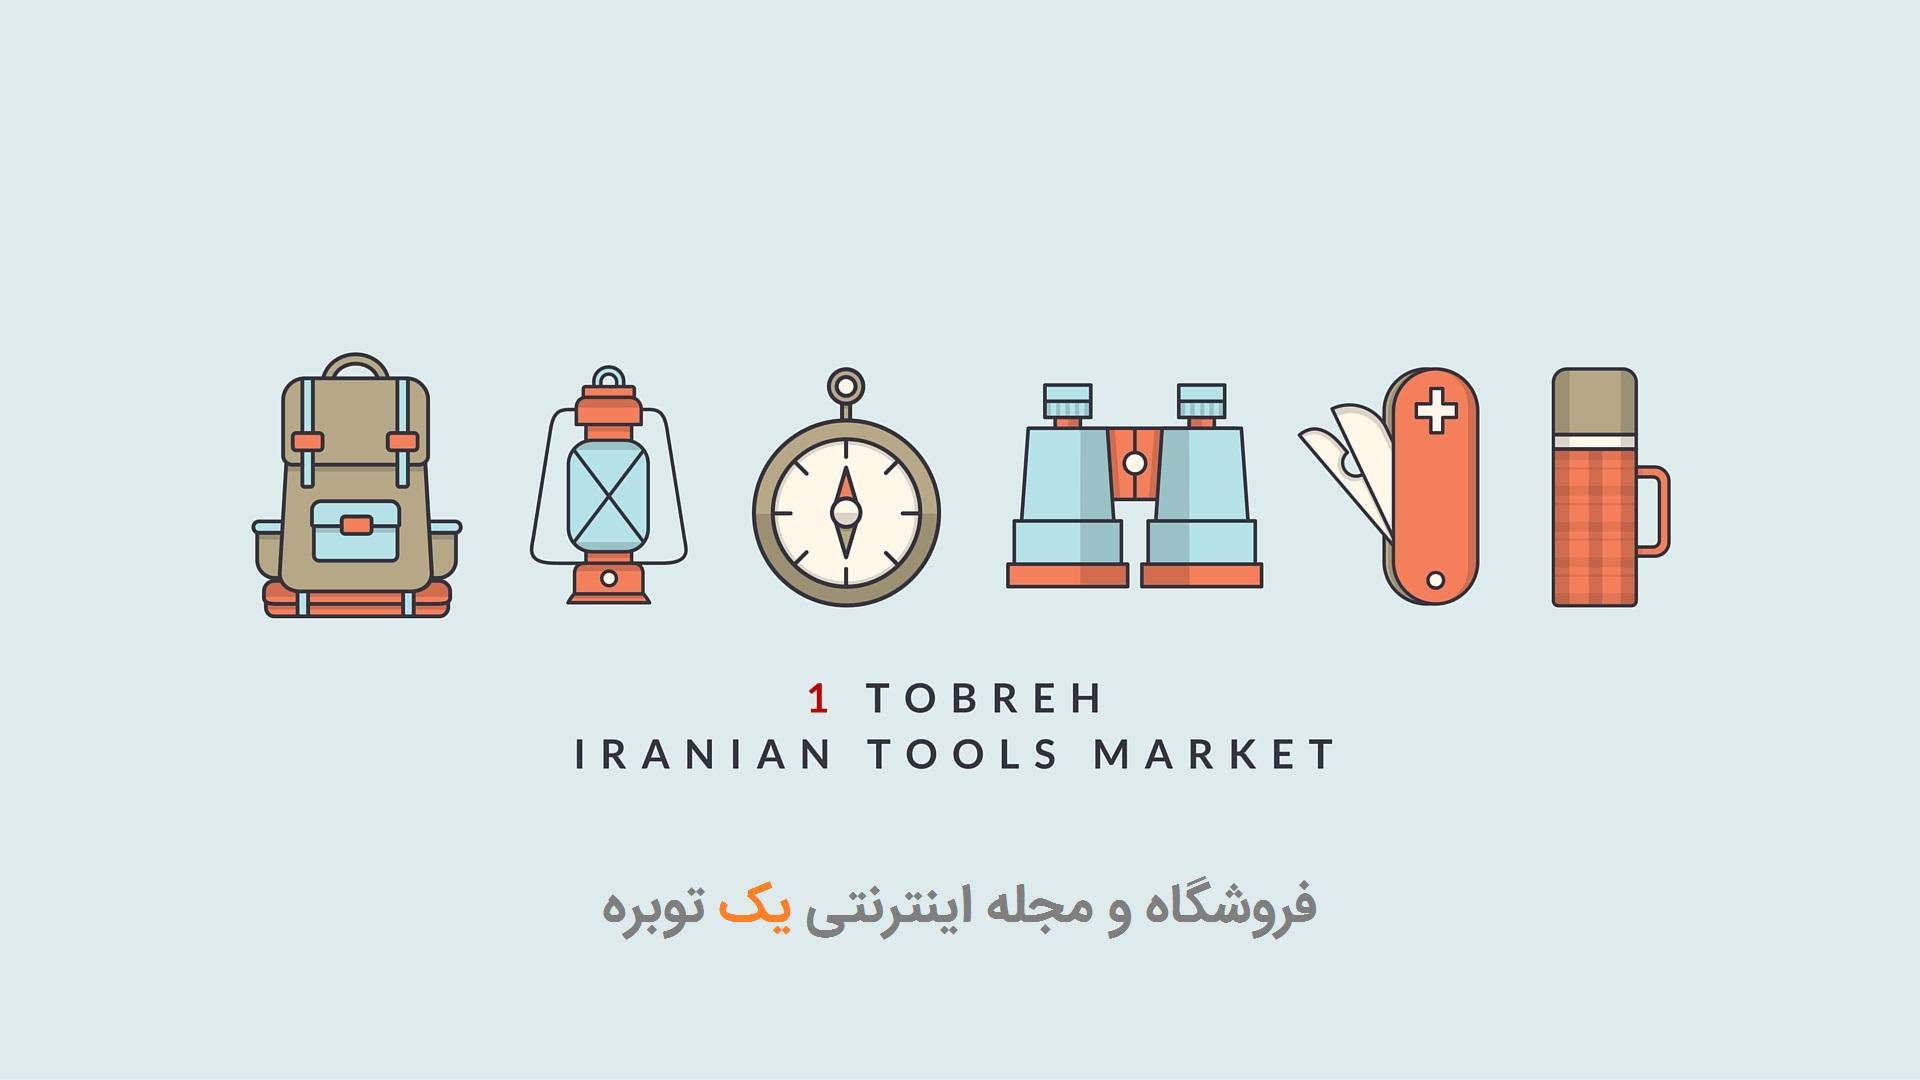 1tobreh - iranian tools market